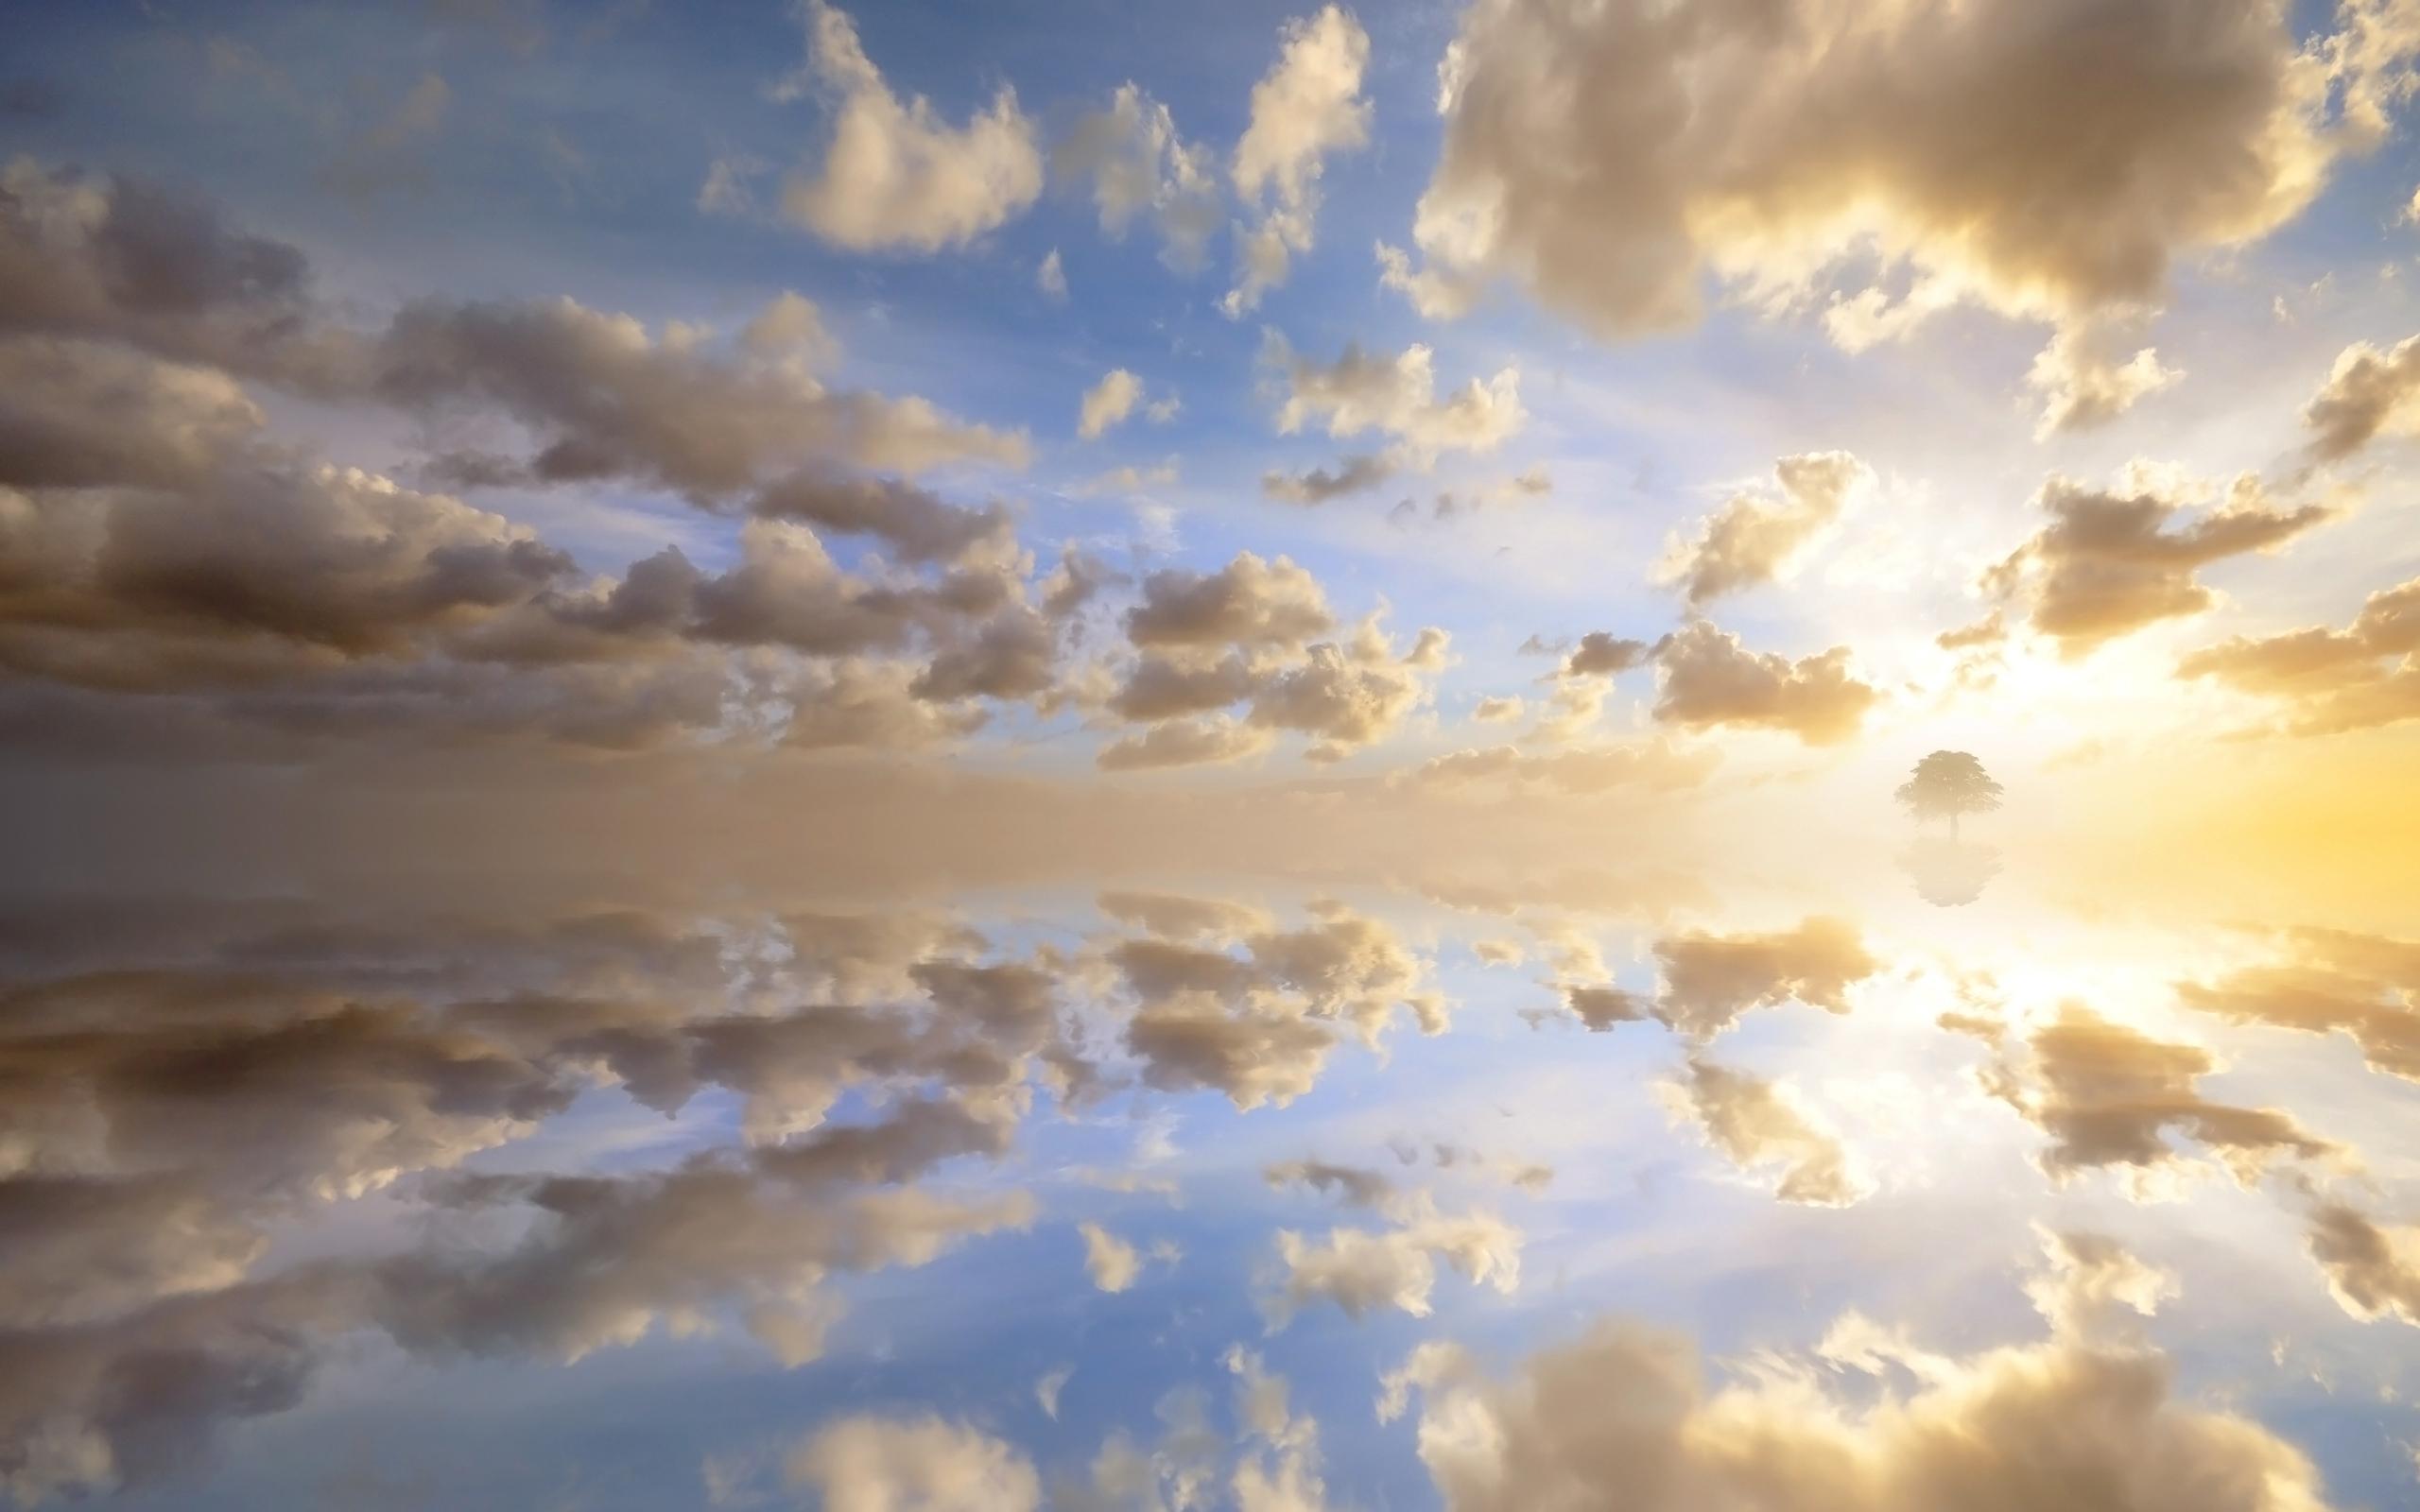 закат солнце облака  № 3851973 загрузить